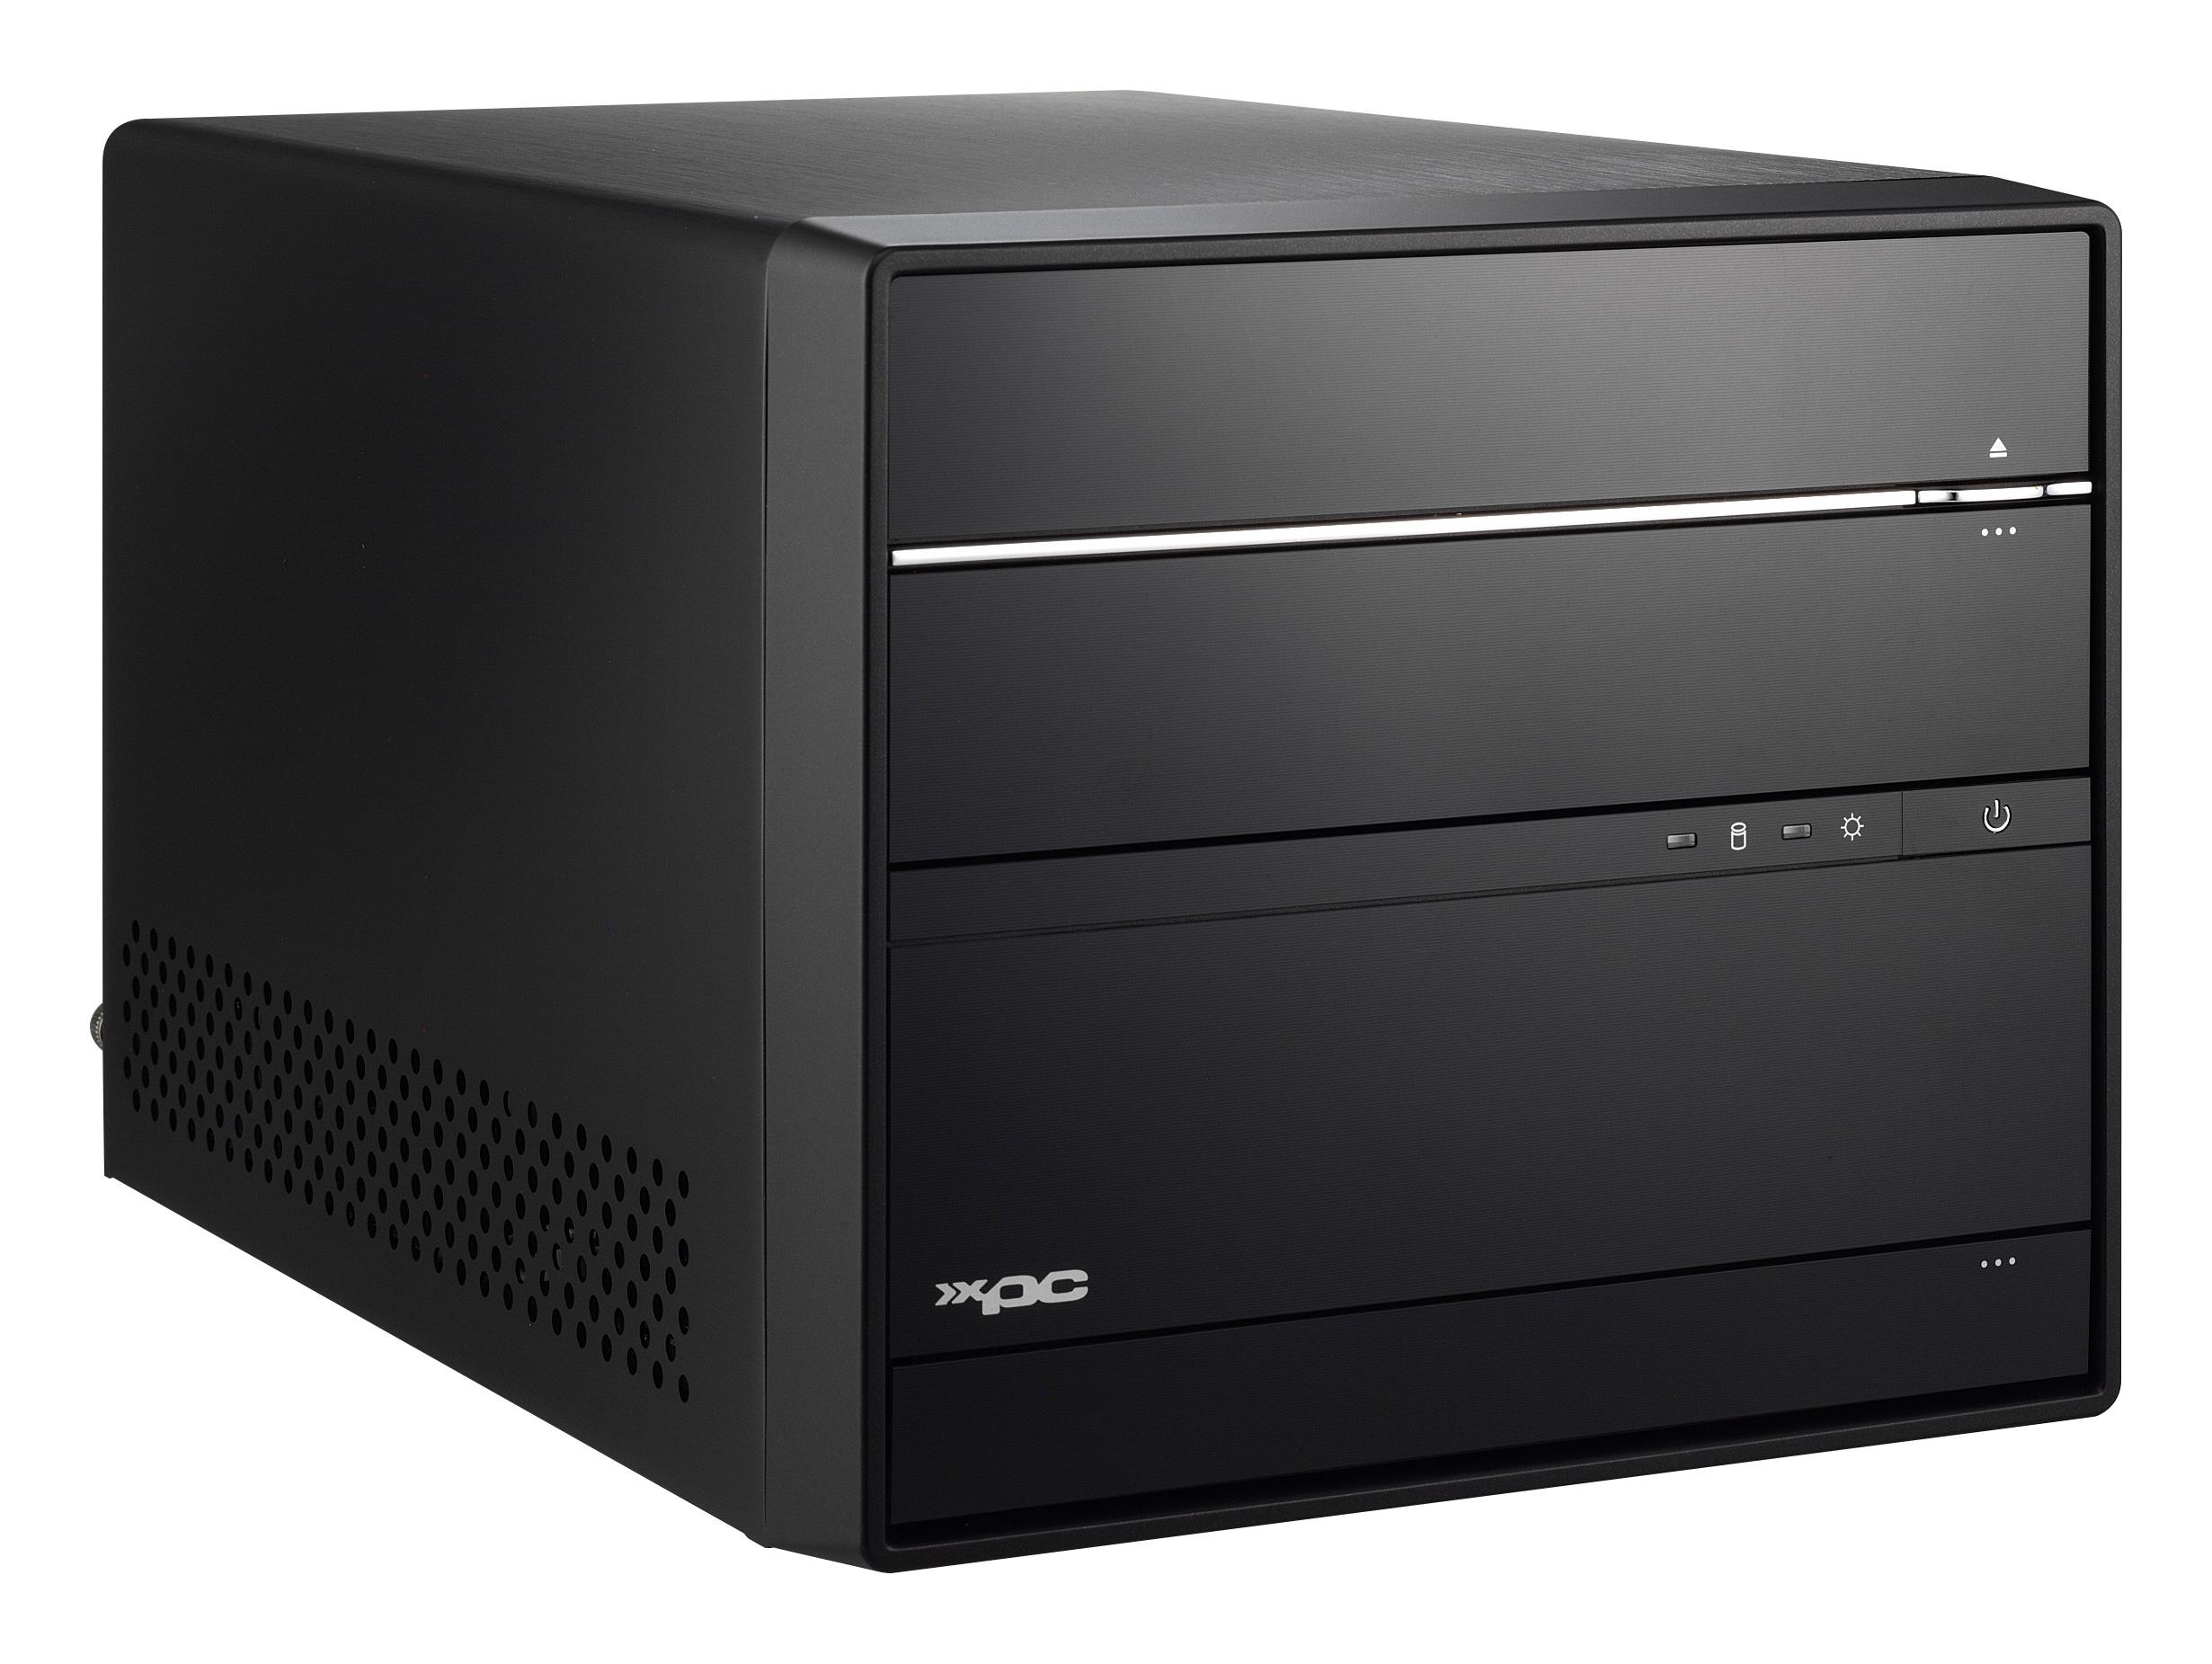 SHUTTLE Barebone XPC cube SH170R6 Sockel 1151 i3/i5/i7(Skylake) 4xDDR4 4XSATA 1XeSATA Intel H170 8xUSB3 2xUSB2  HDMI 2DP schwarz